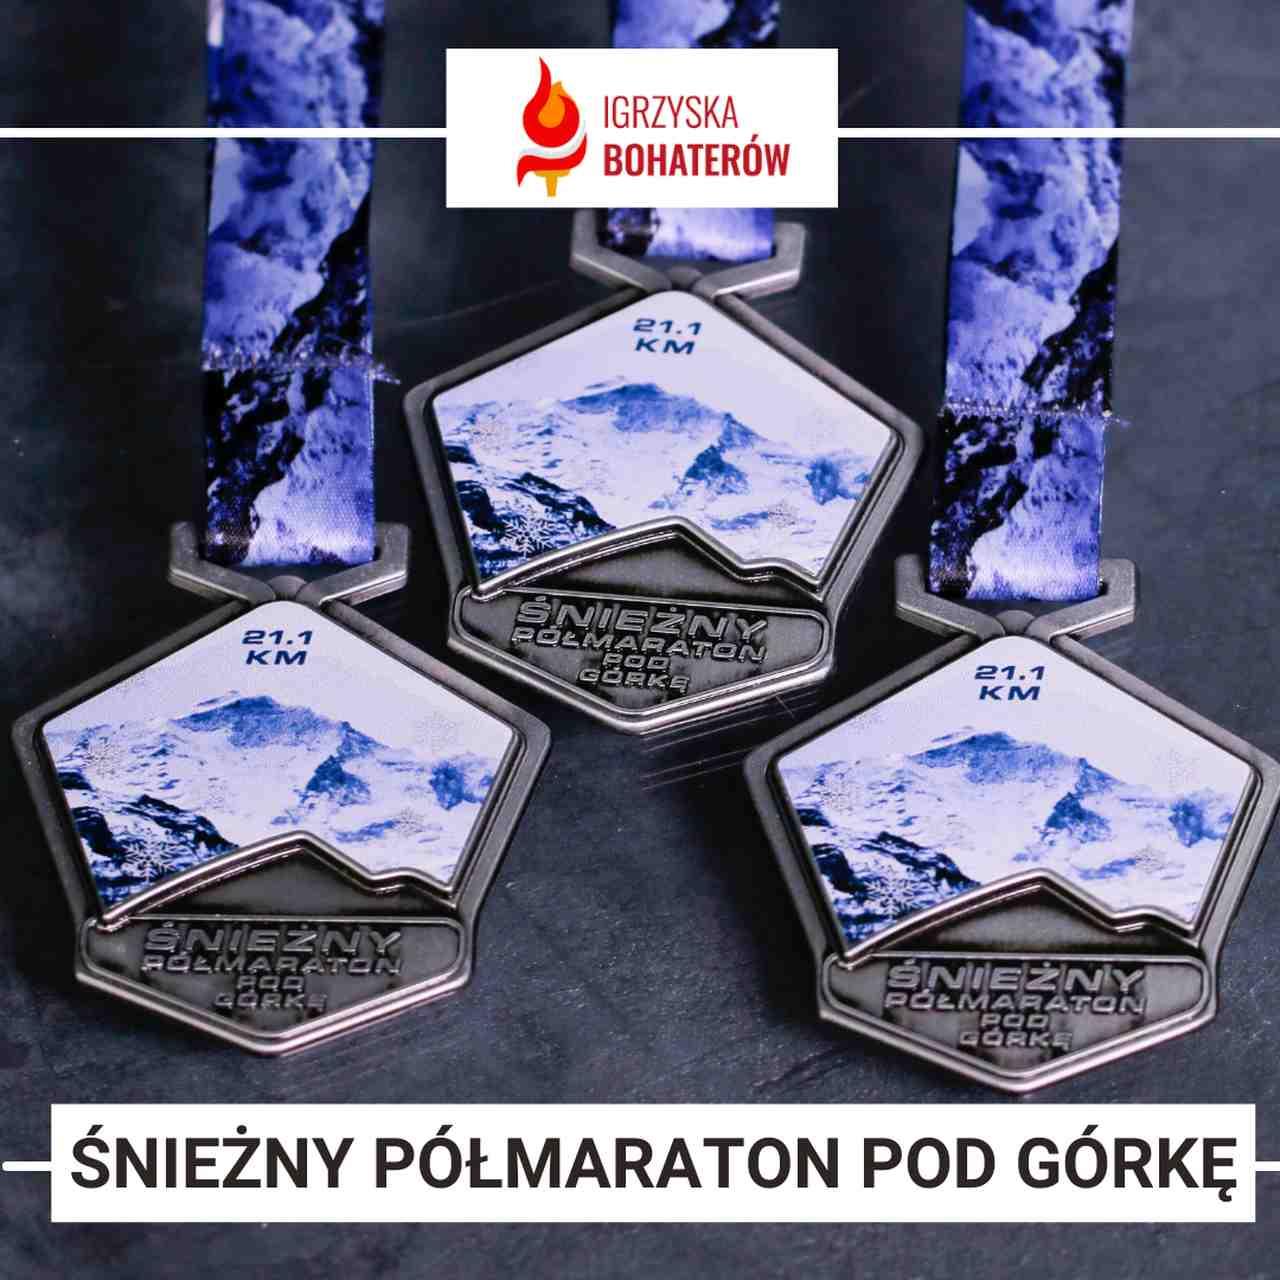 medale na śnieżny półmaraton pod górkę